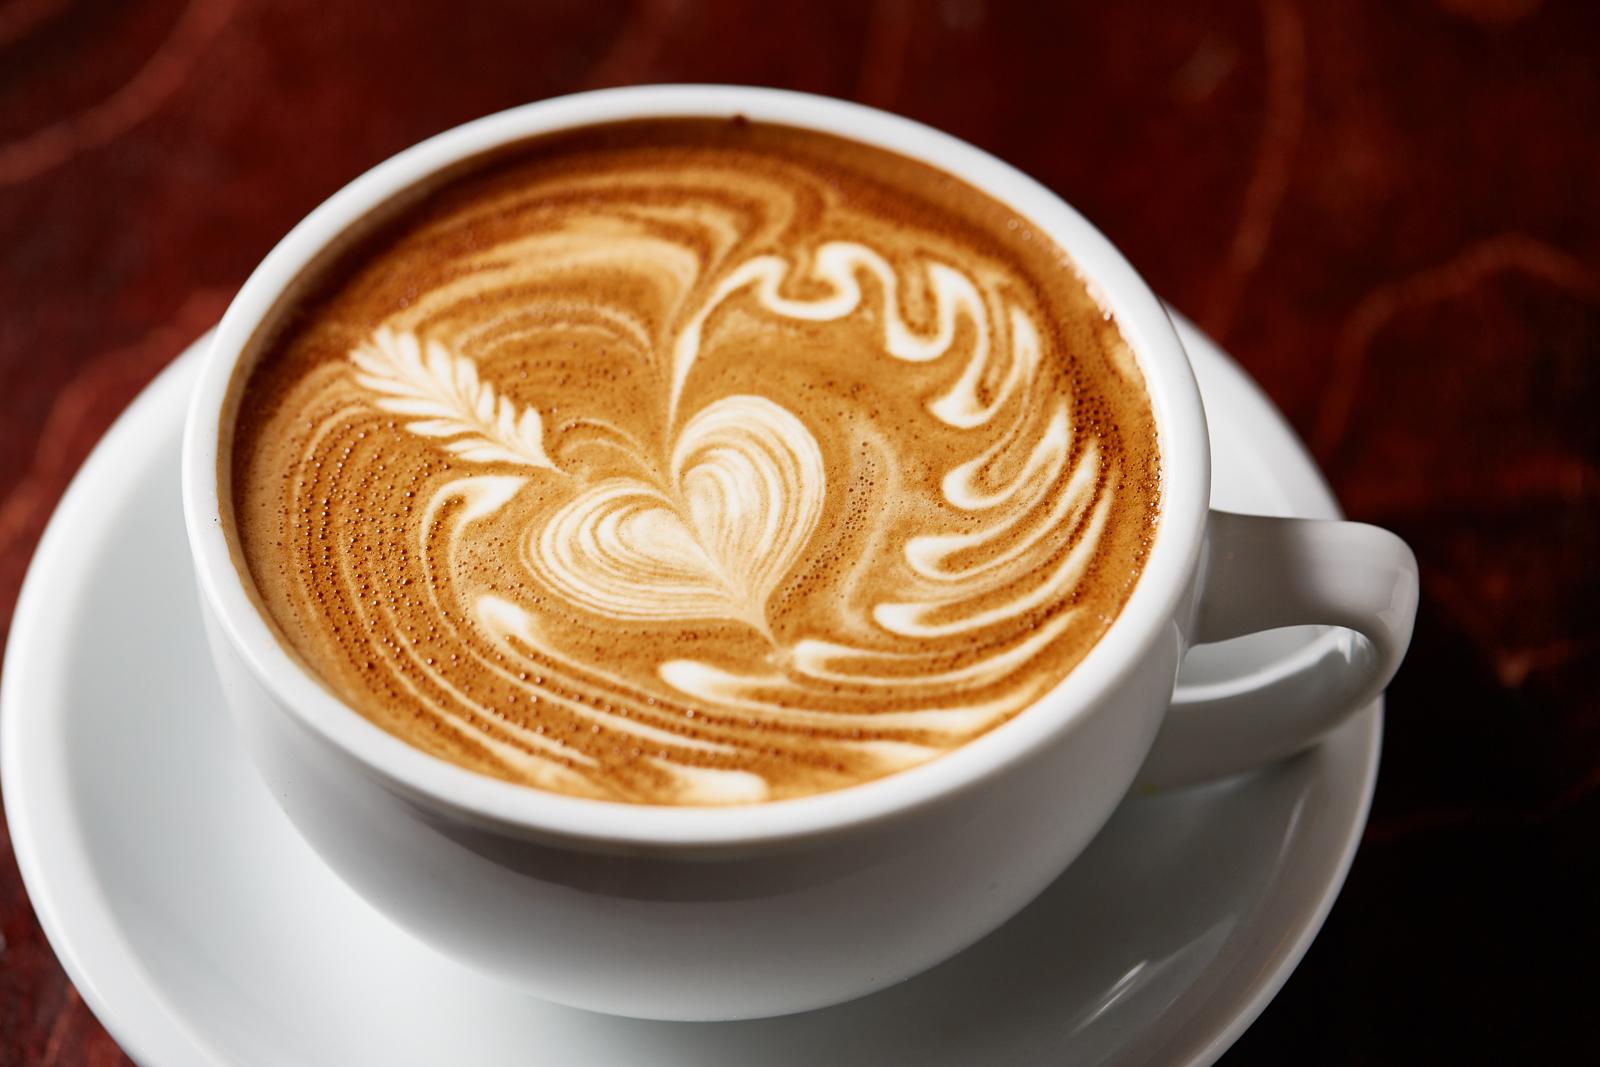 cà phê - Uống 3 ly cà phê mỗi ngày sẽ giảm nguy cơ mắc các bệnh ung thư